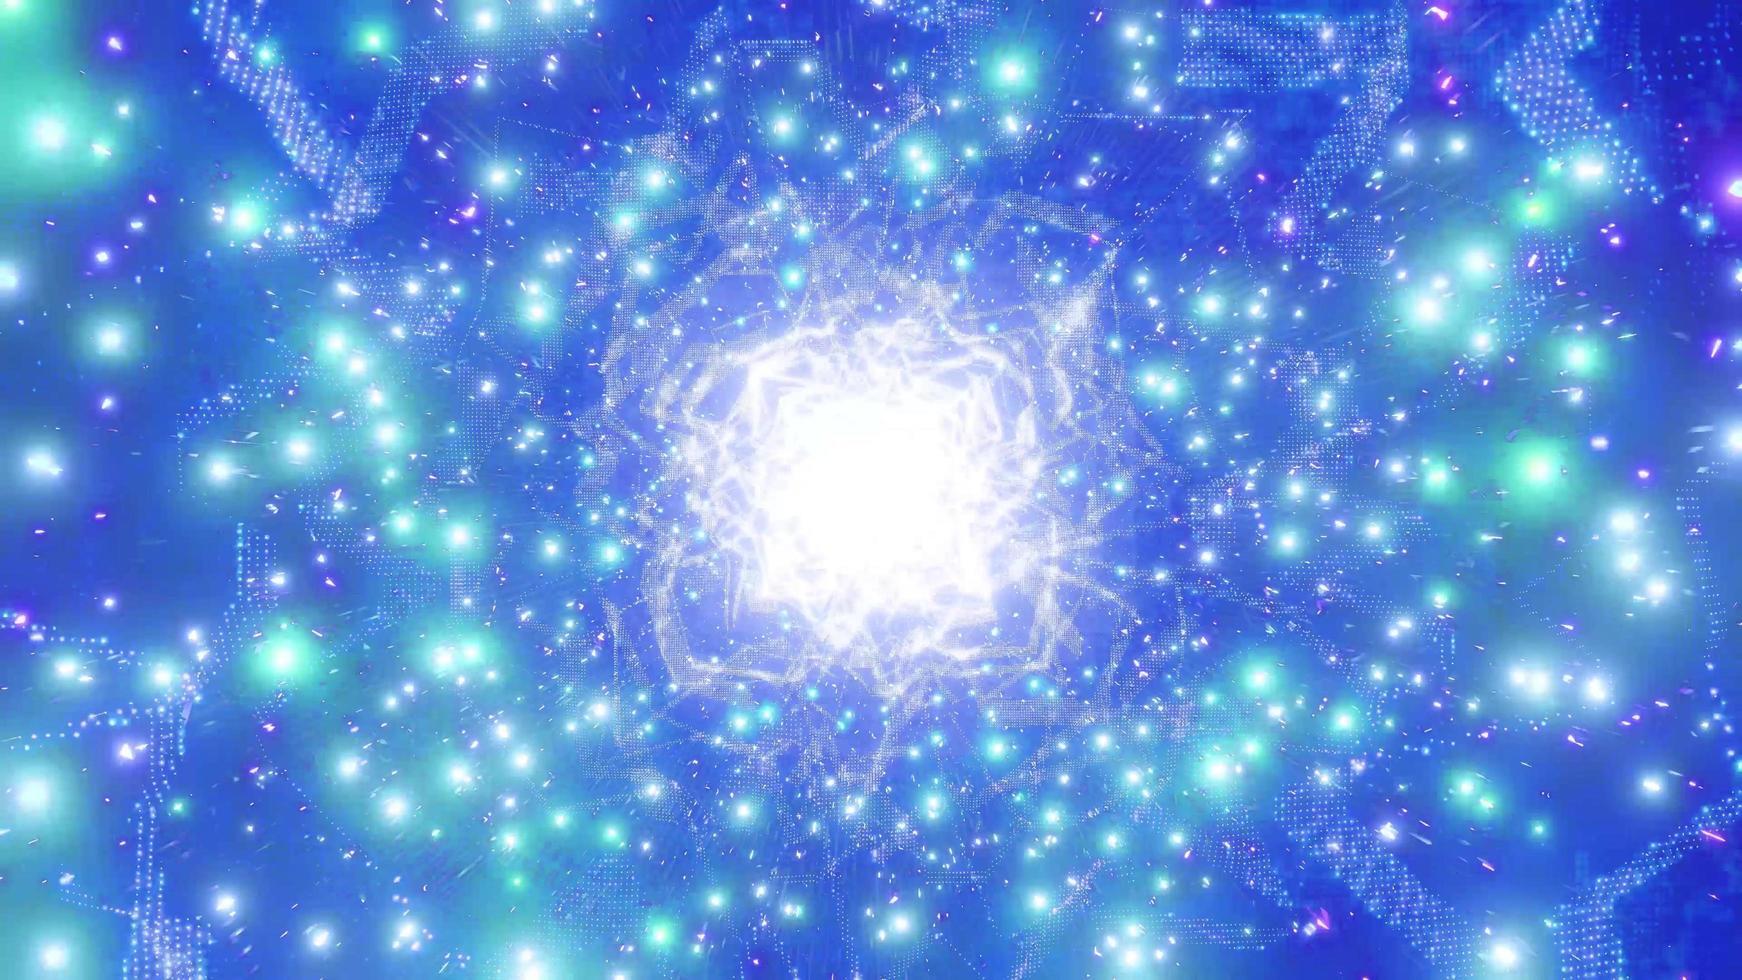 blu brillante incandescente fantascienza particella spaziale galassia 3d illustrazione sfondo carta da parati design opere d'arte foto